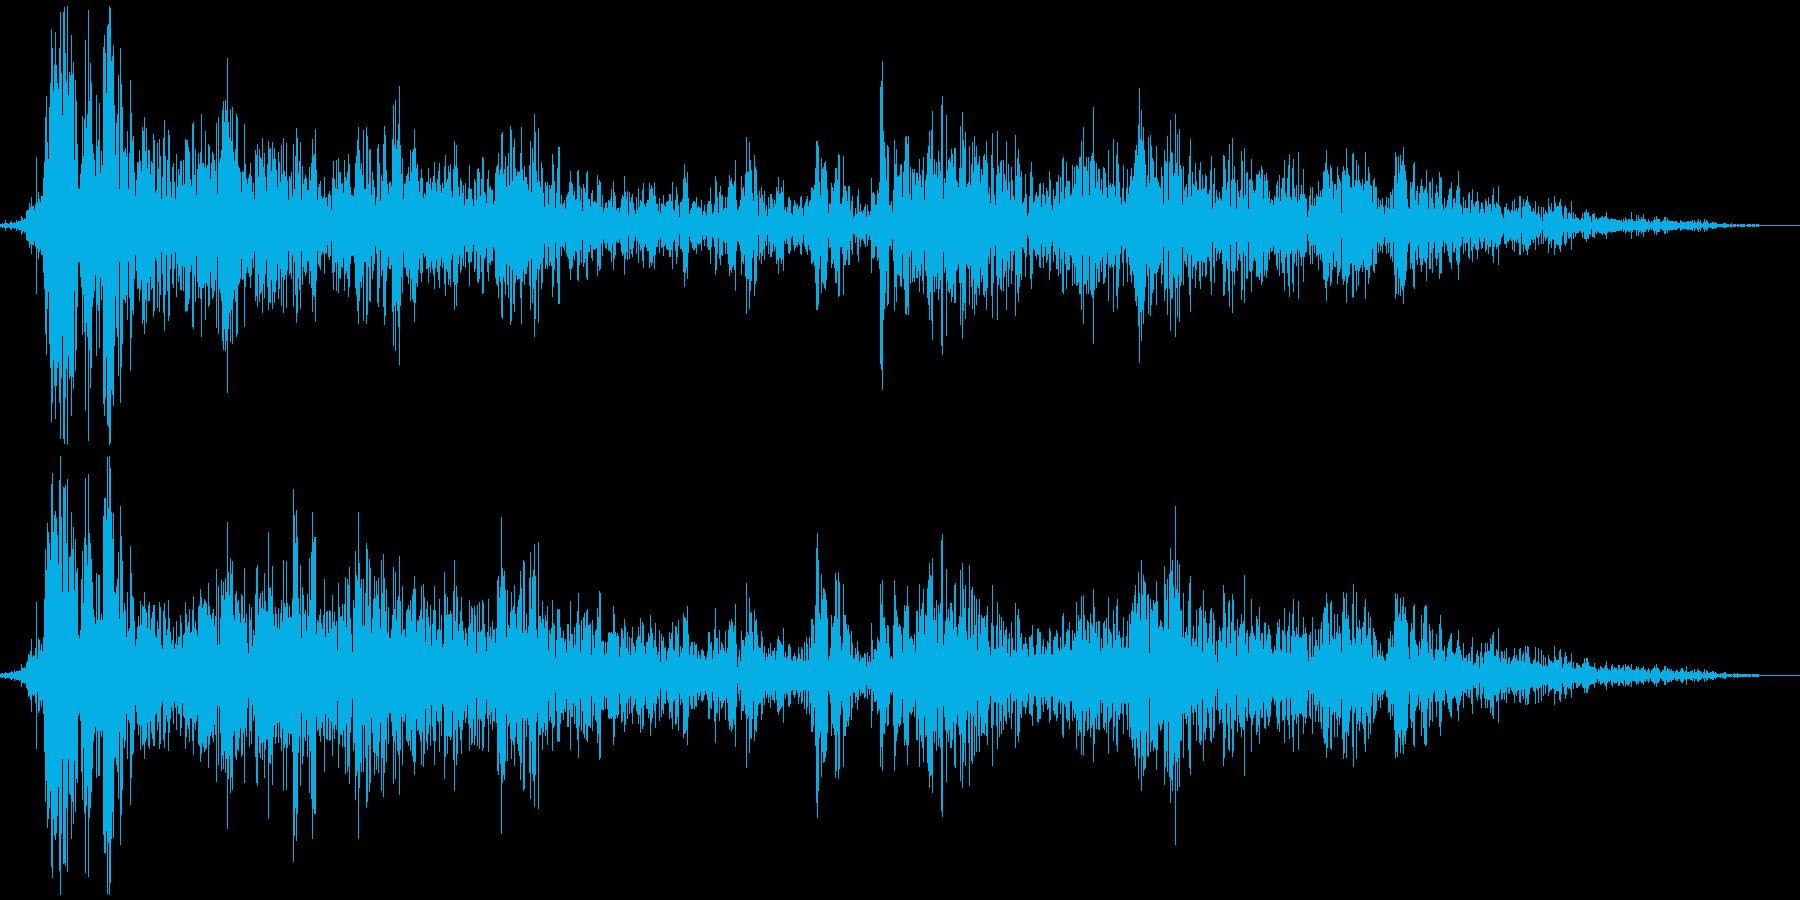 【爆発音01】様々なシーンで使える爆発音の再生済みの波形